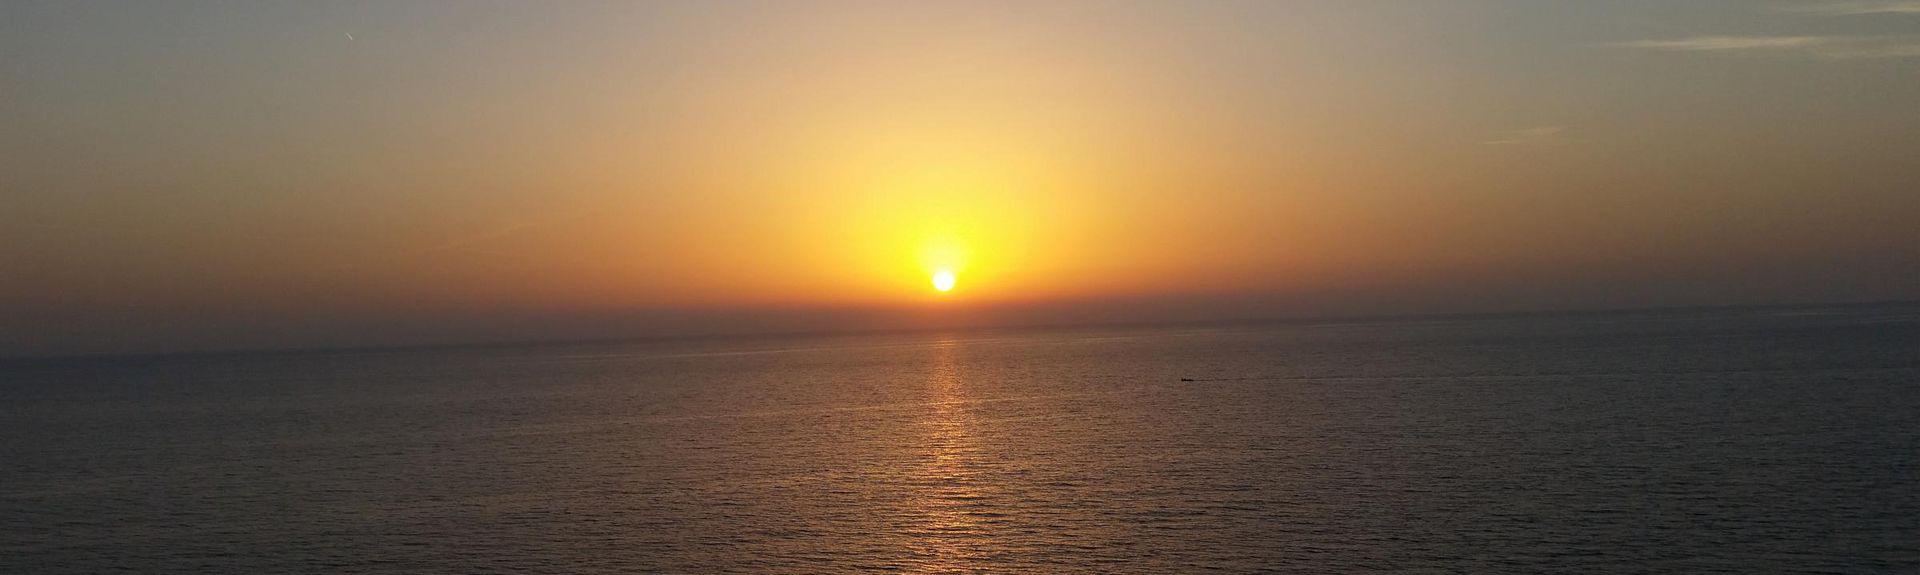 Πελέκας, Πελοπόννησος, Ελλάδα